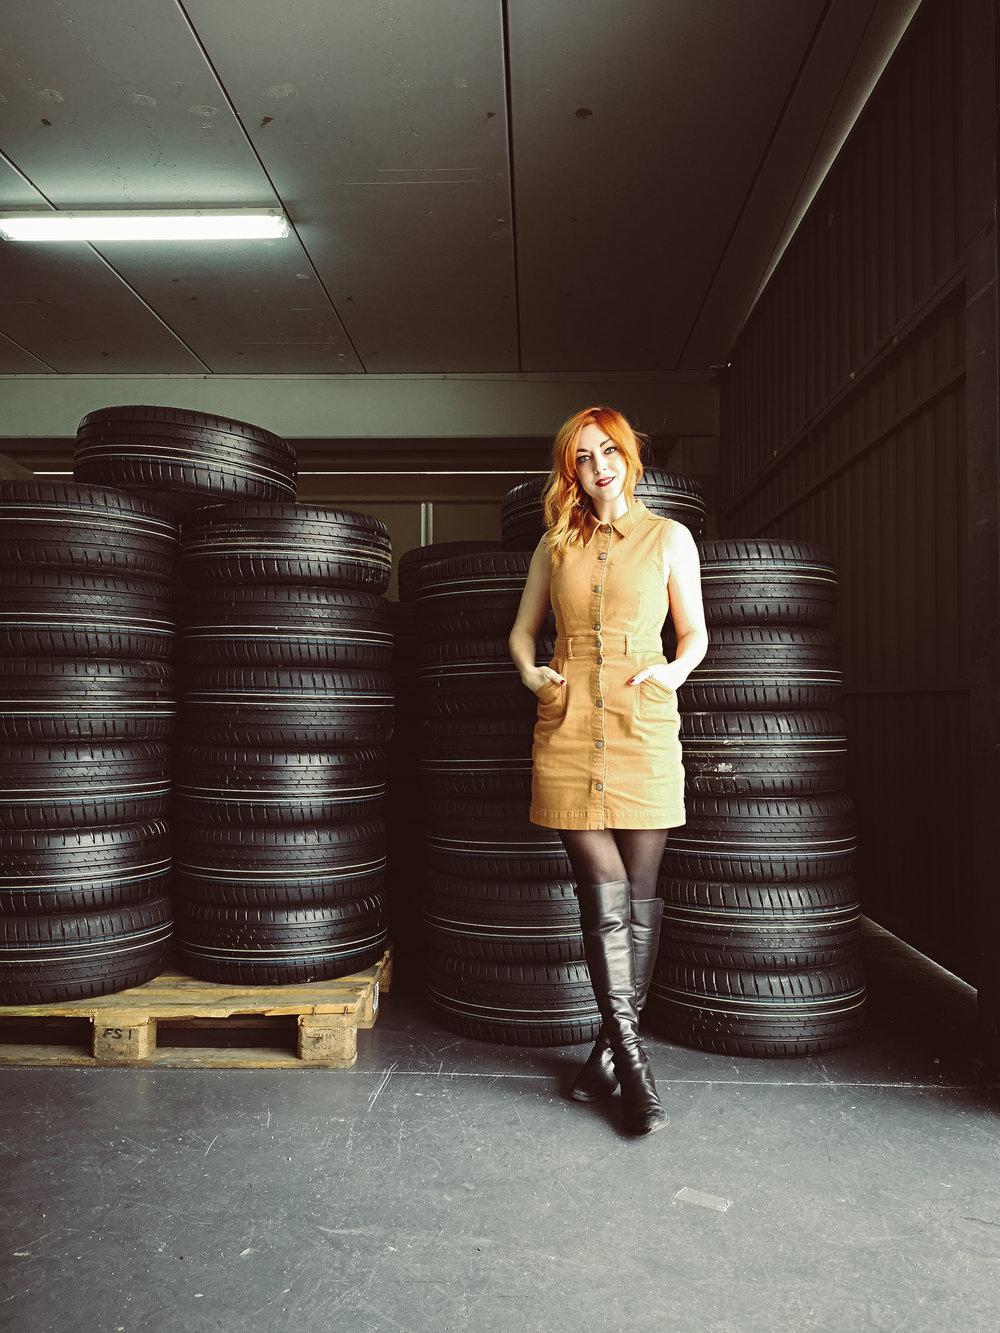 Lucie Loves Kia ProCeed Barcelona Car Blogger-96.jpg